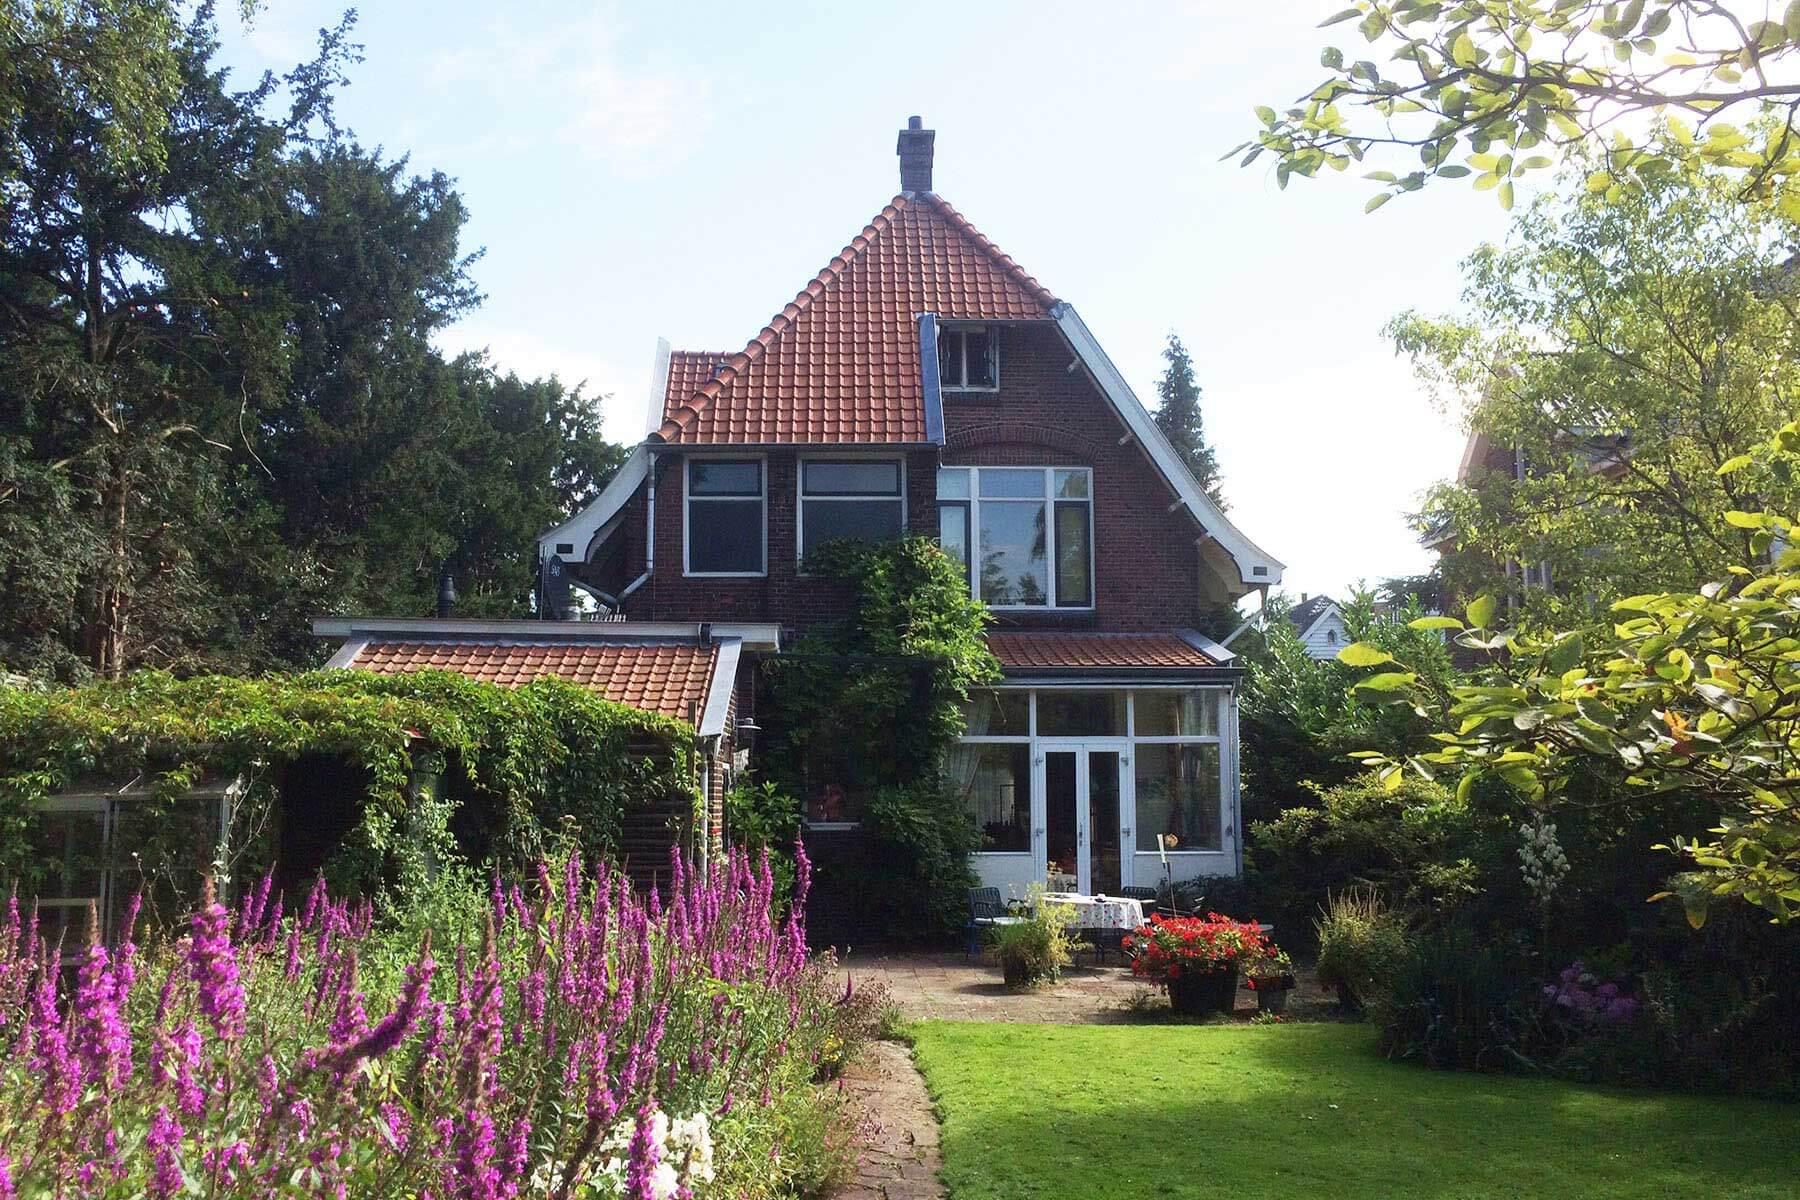 8A Architecten - Verbouwing villa Overschie, Rotterdam